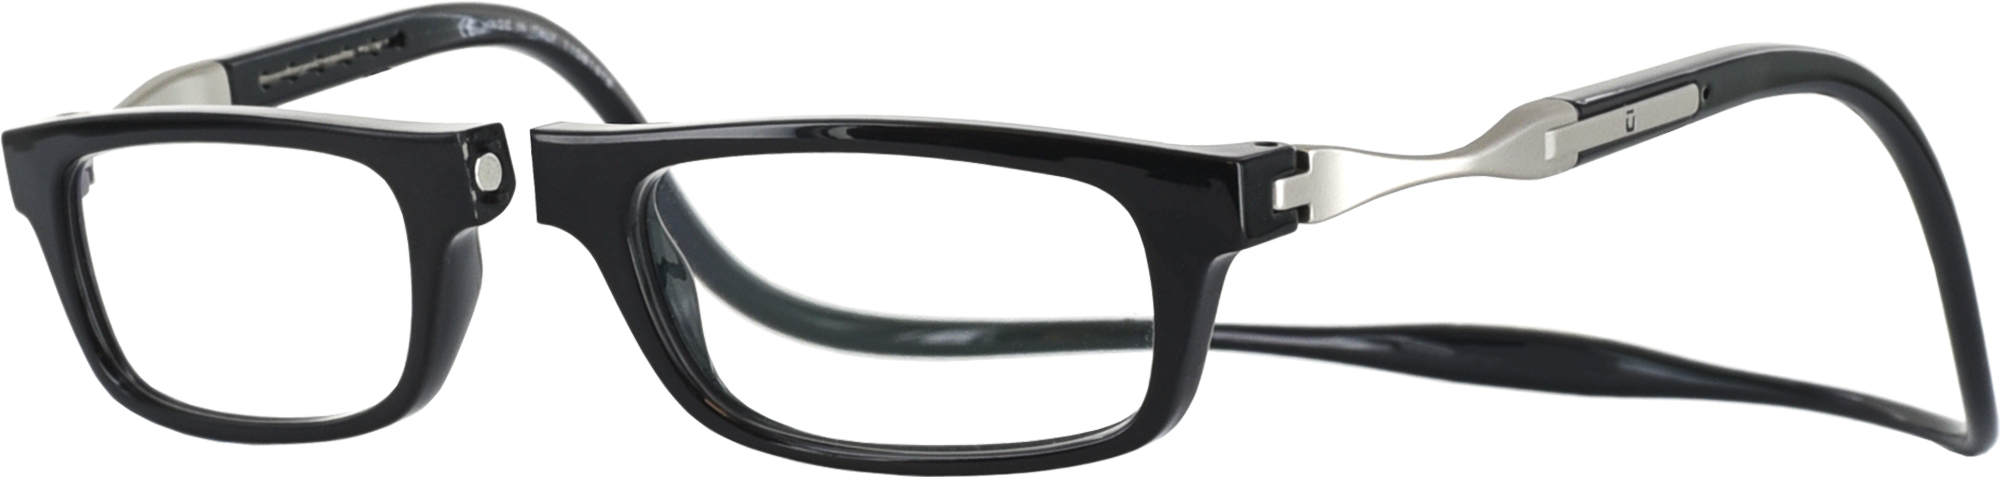 Clic Half Frame Black Reading Glasses : Vunetic by CliC Single Vision Half Frame - ReadingGlasses.com